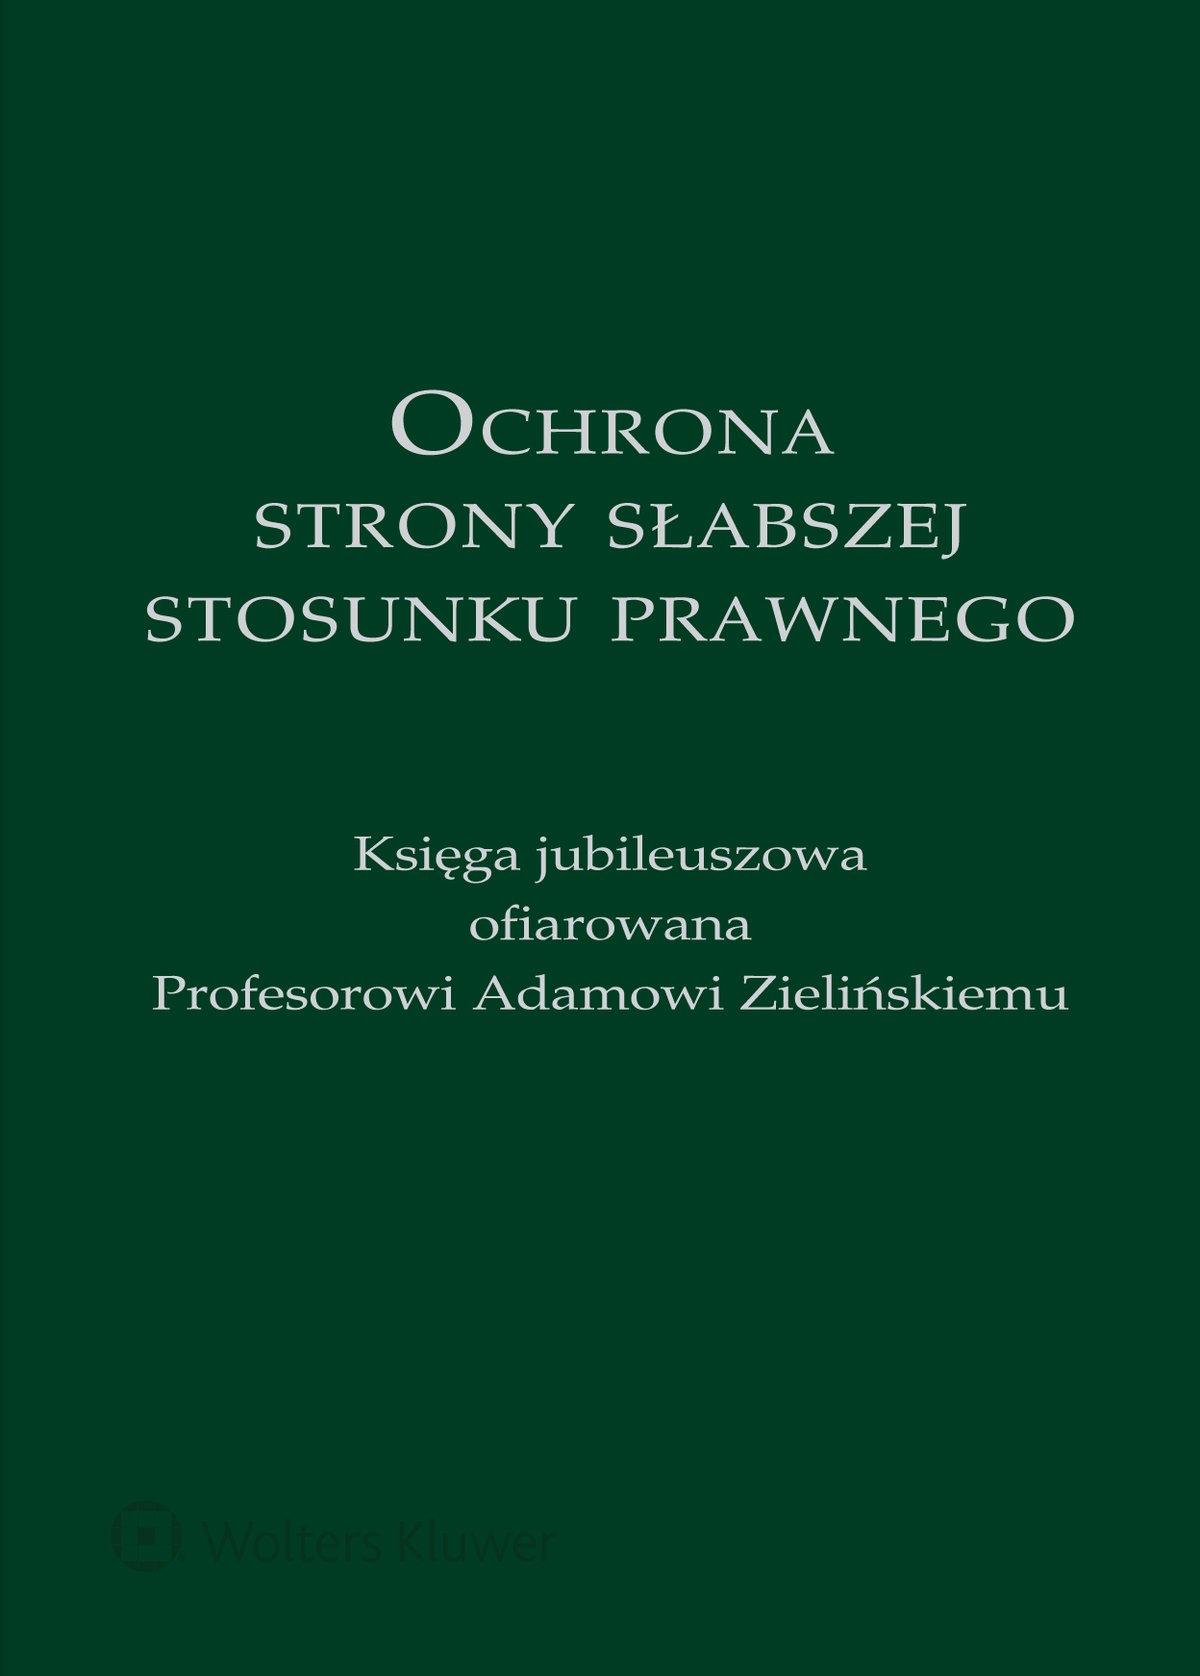 Ochrona strony słabszej stosunku prawnego. Księga jubileuszowa ofiarowana Profesorowi Adamowi Zielińskiemu - Ebook (Książka PDF) do pobrania w formacie PDF